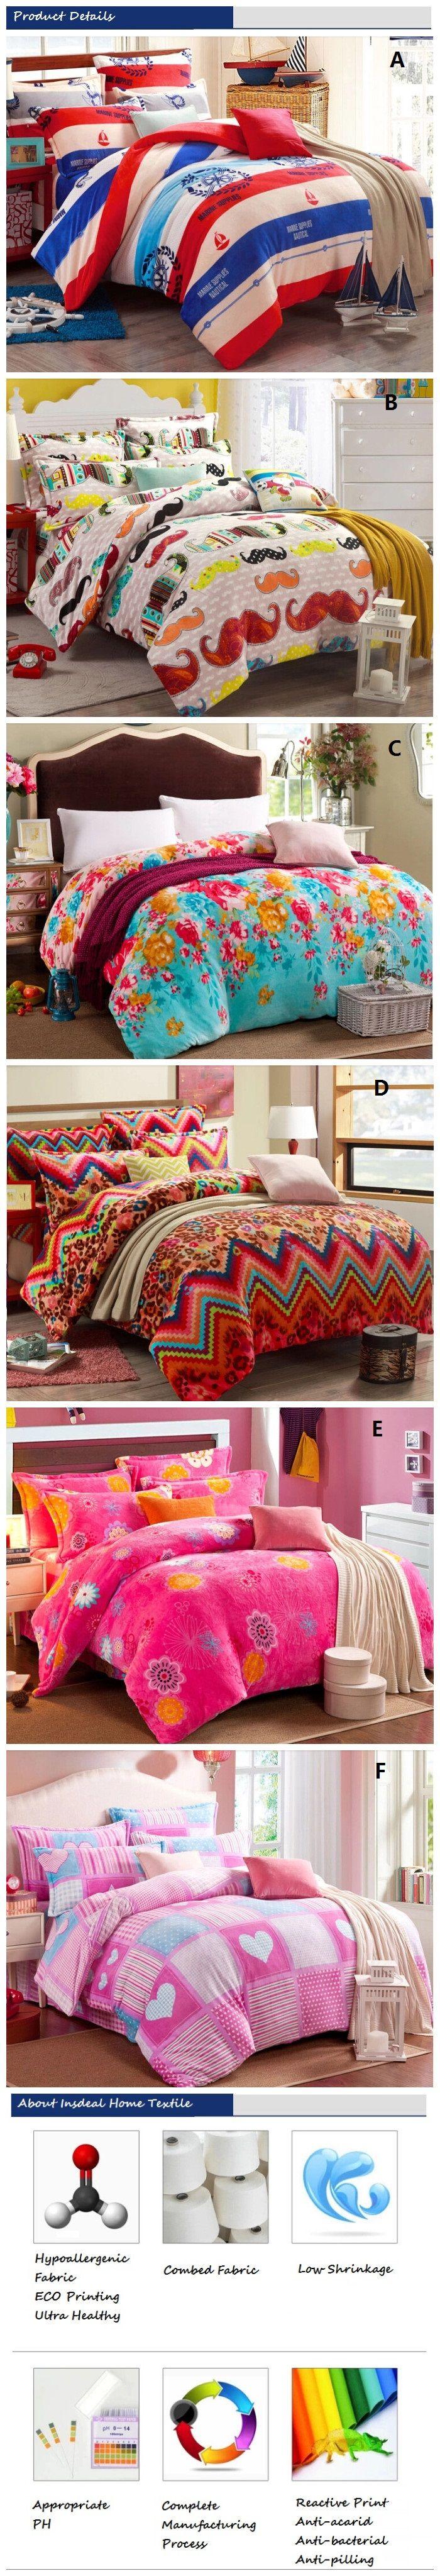 warm velvet bedding set for winter designer leopard print comforter bedding sets floral bed set